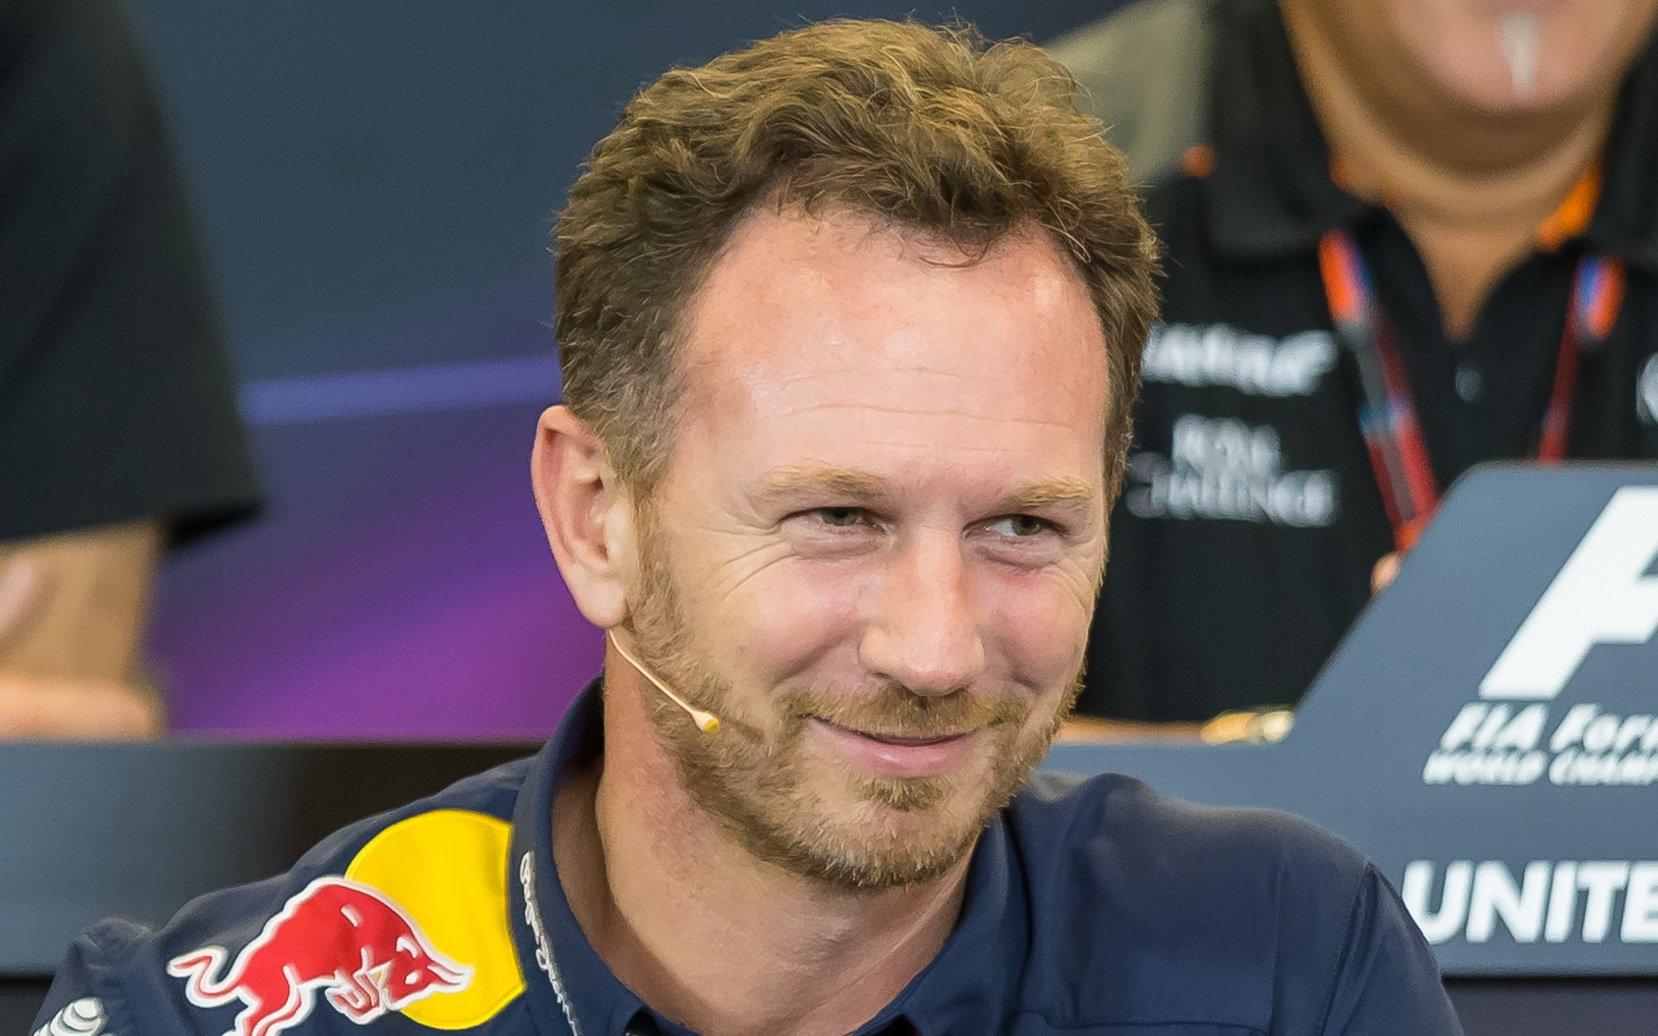 Co letos očekává Horner? Opět vítězný Mercedes a zlepšení Hondy - anotační foto